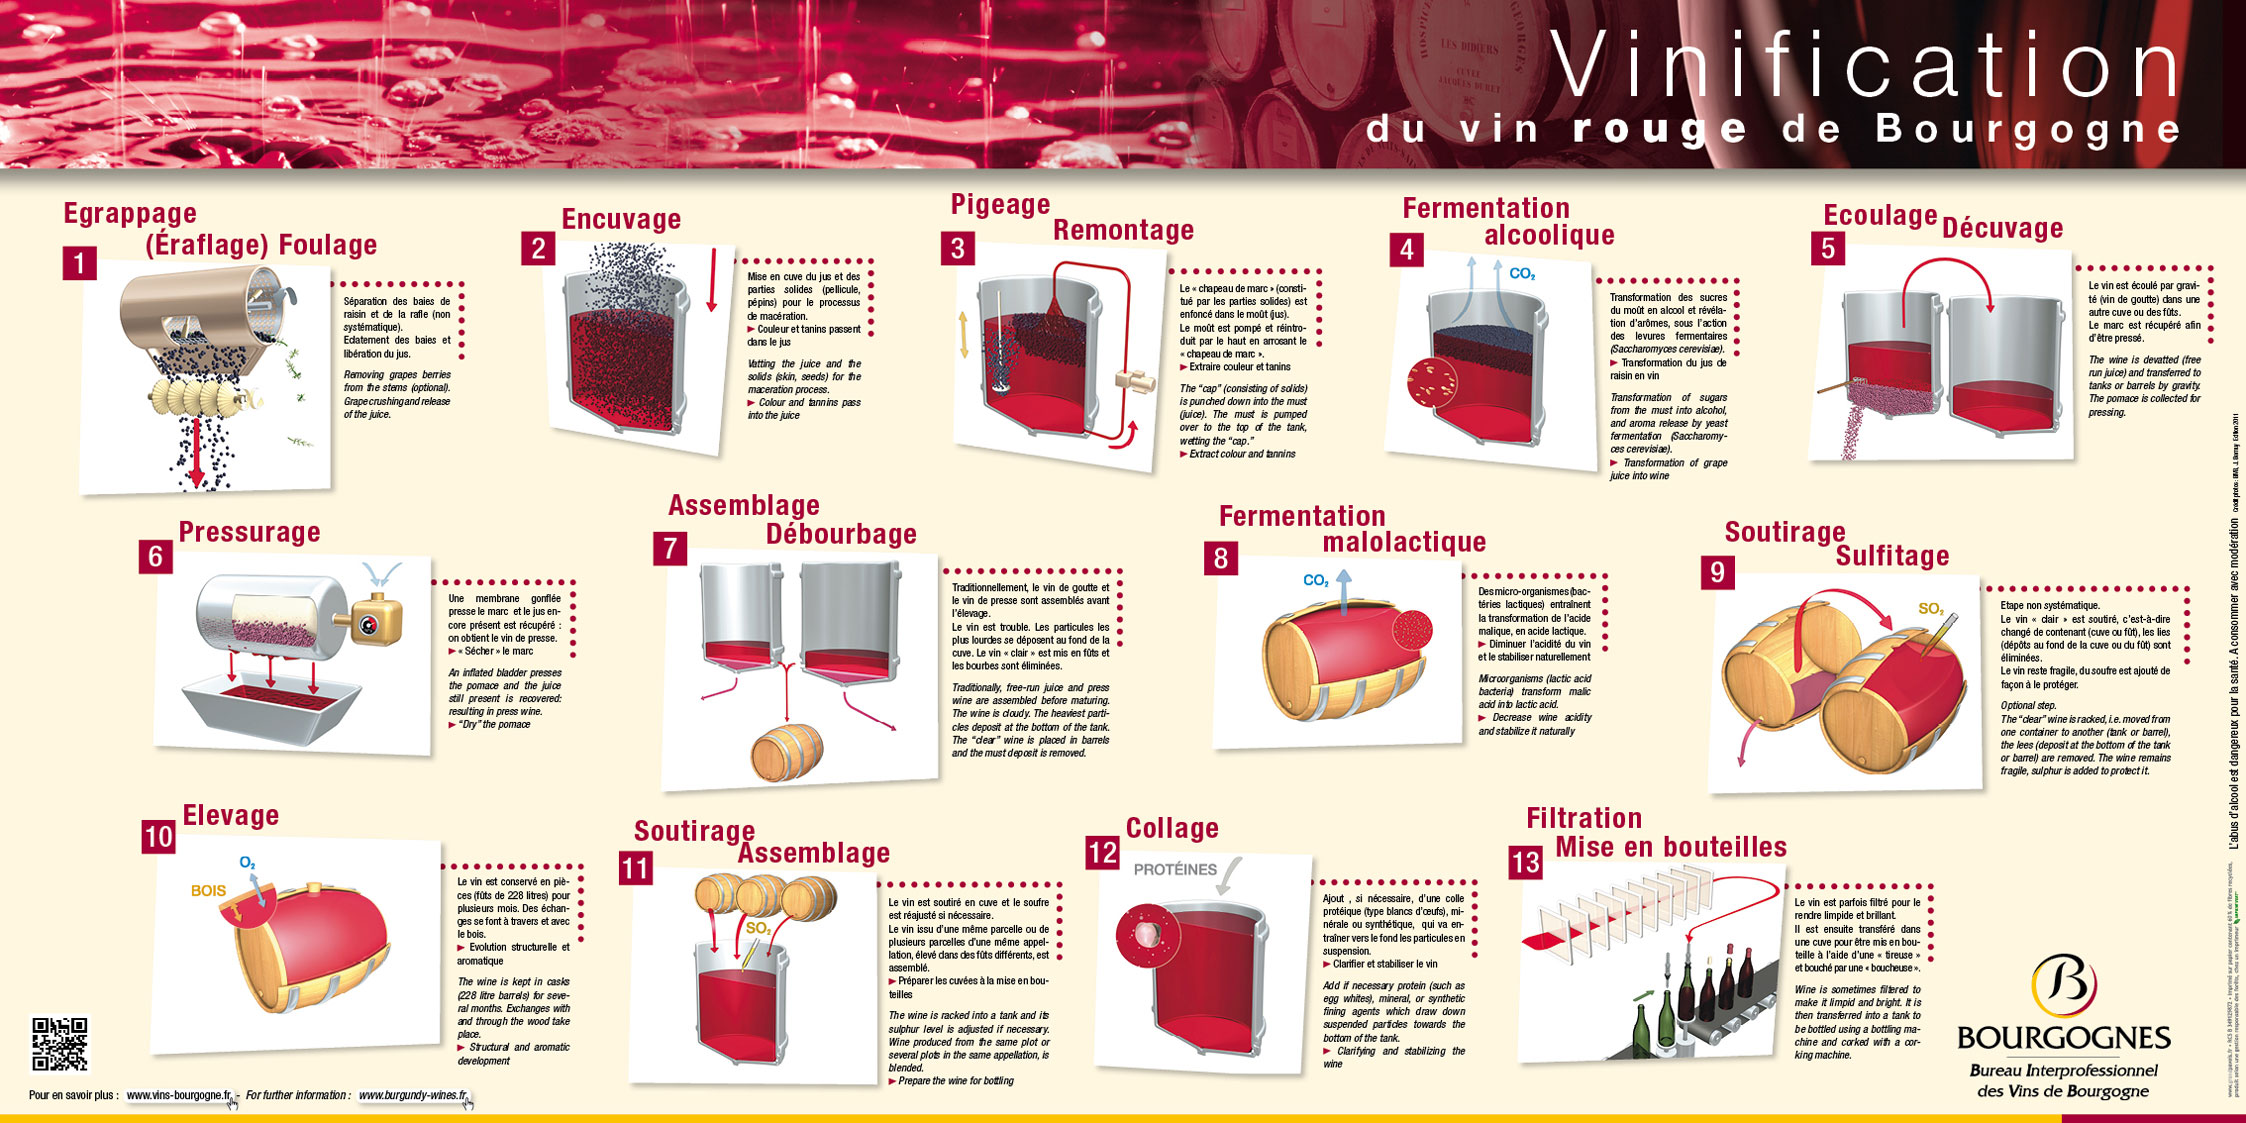 en presentation vinification red wines